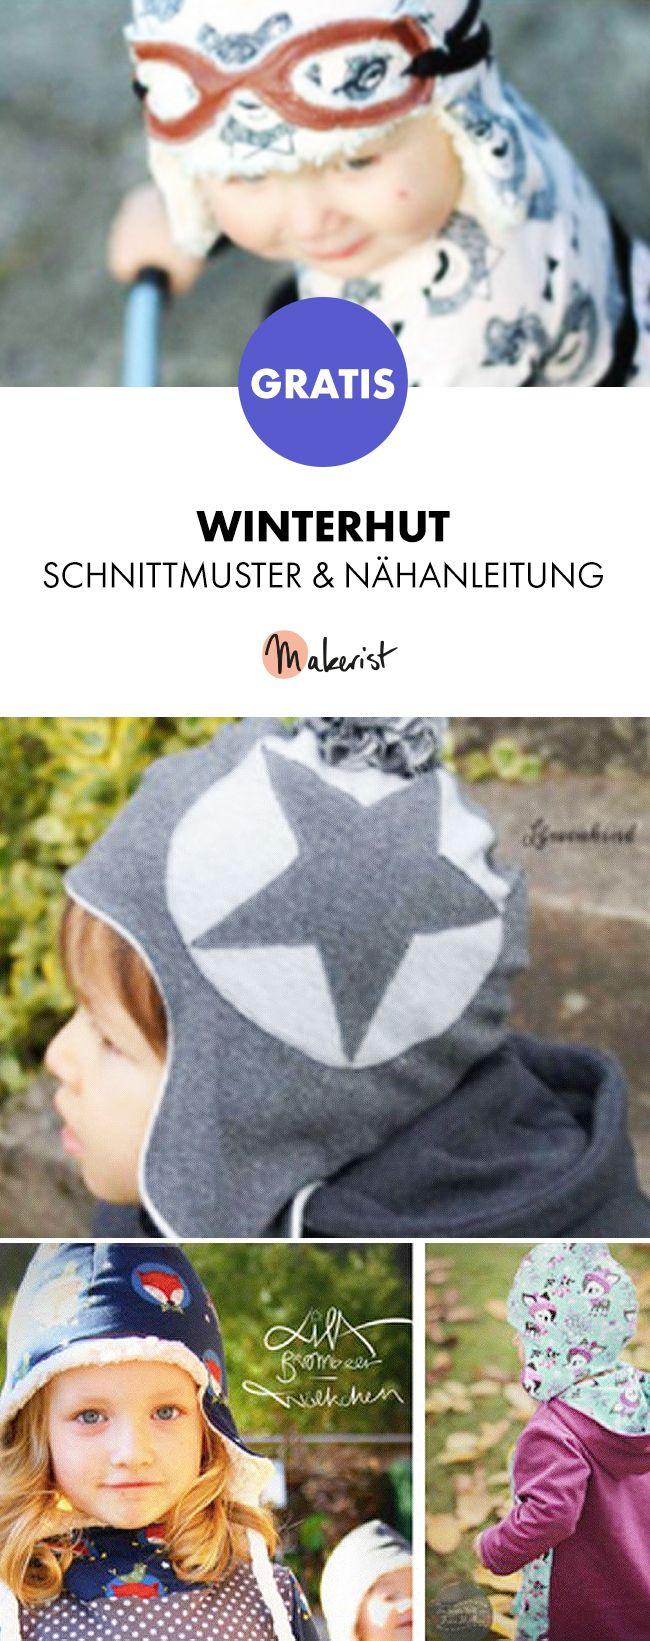 Supermüzz - Freebook: Kindermütze / Wendemütze für warme Ohren nähen ...